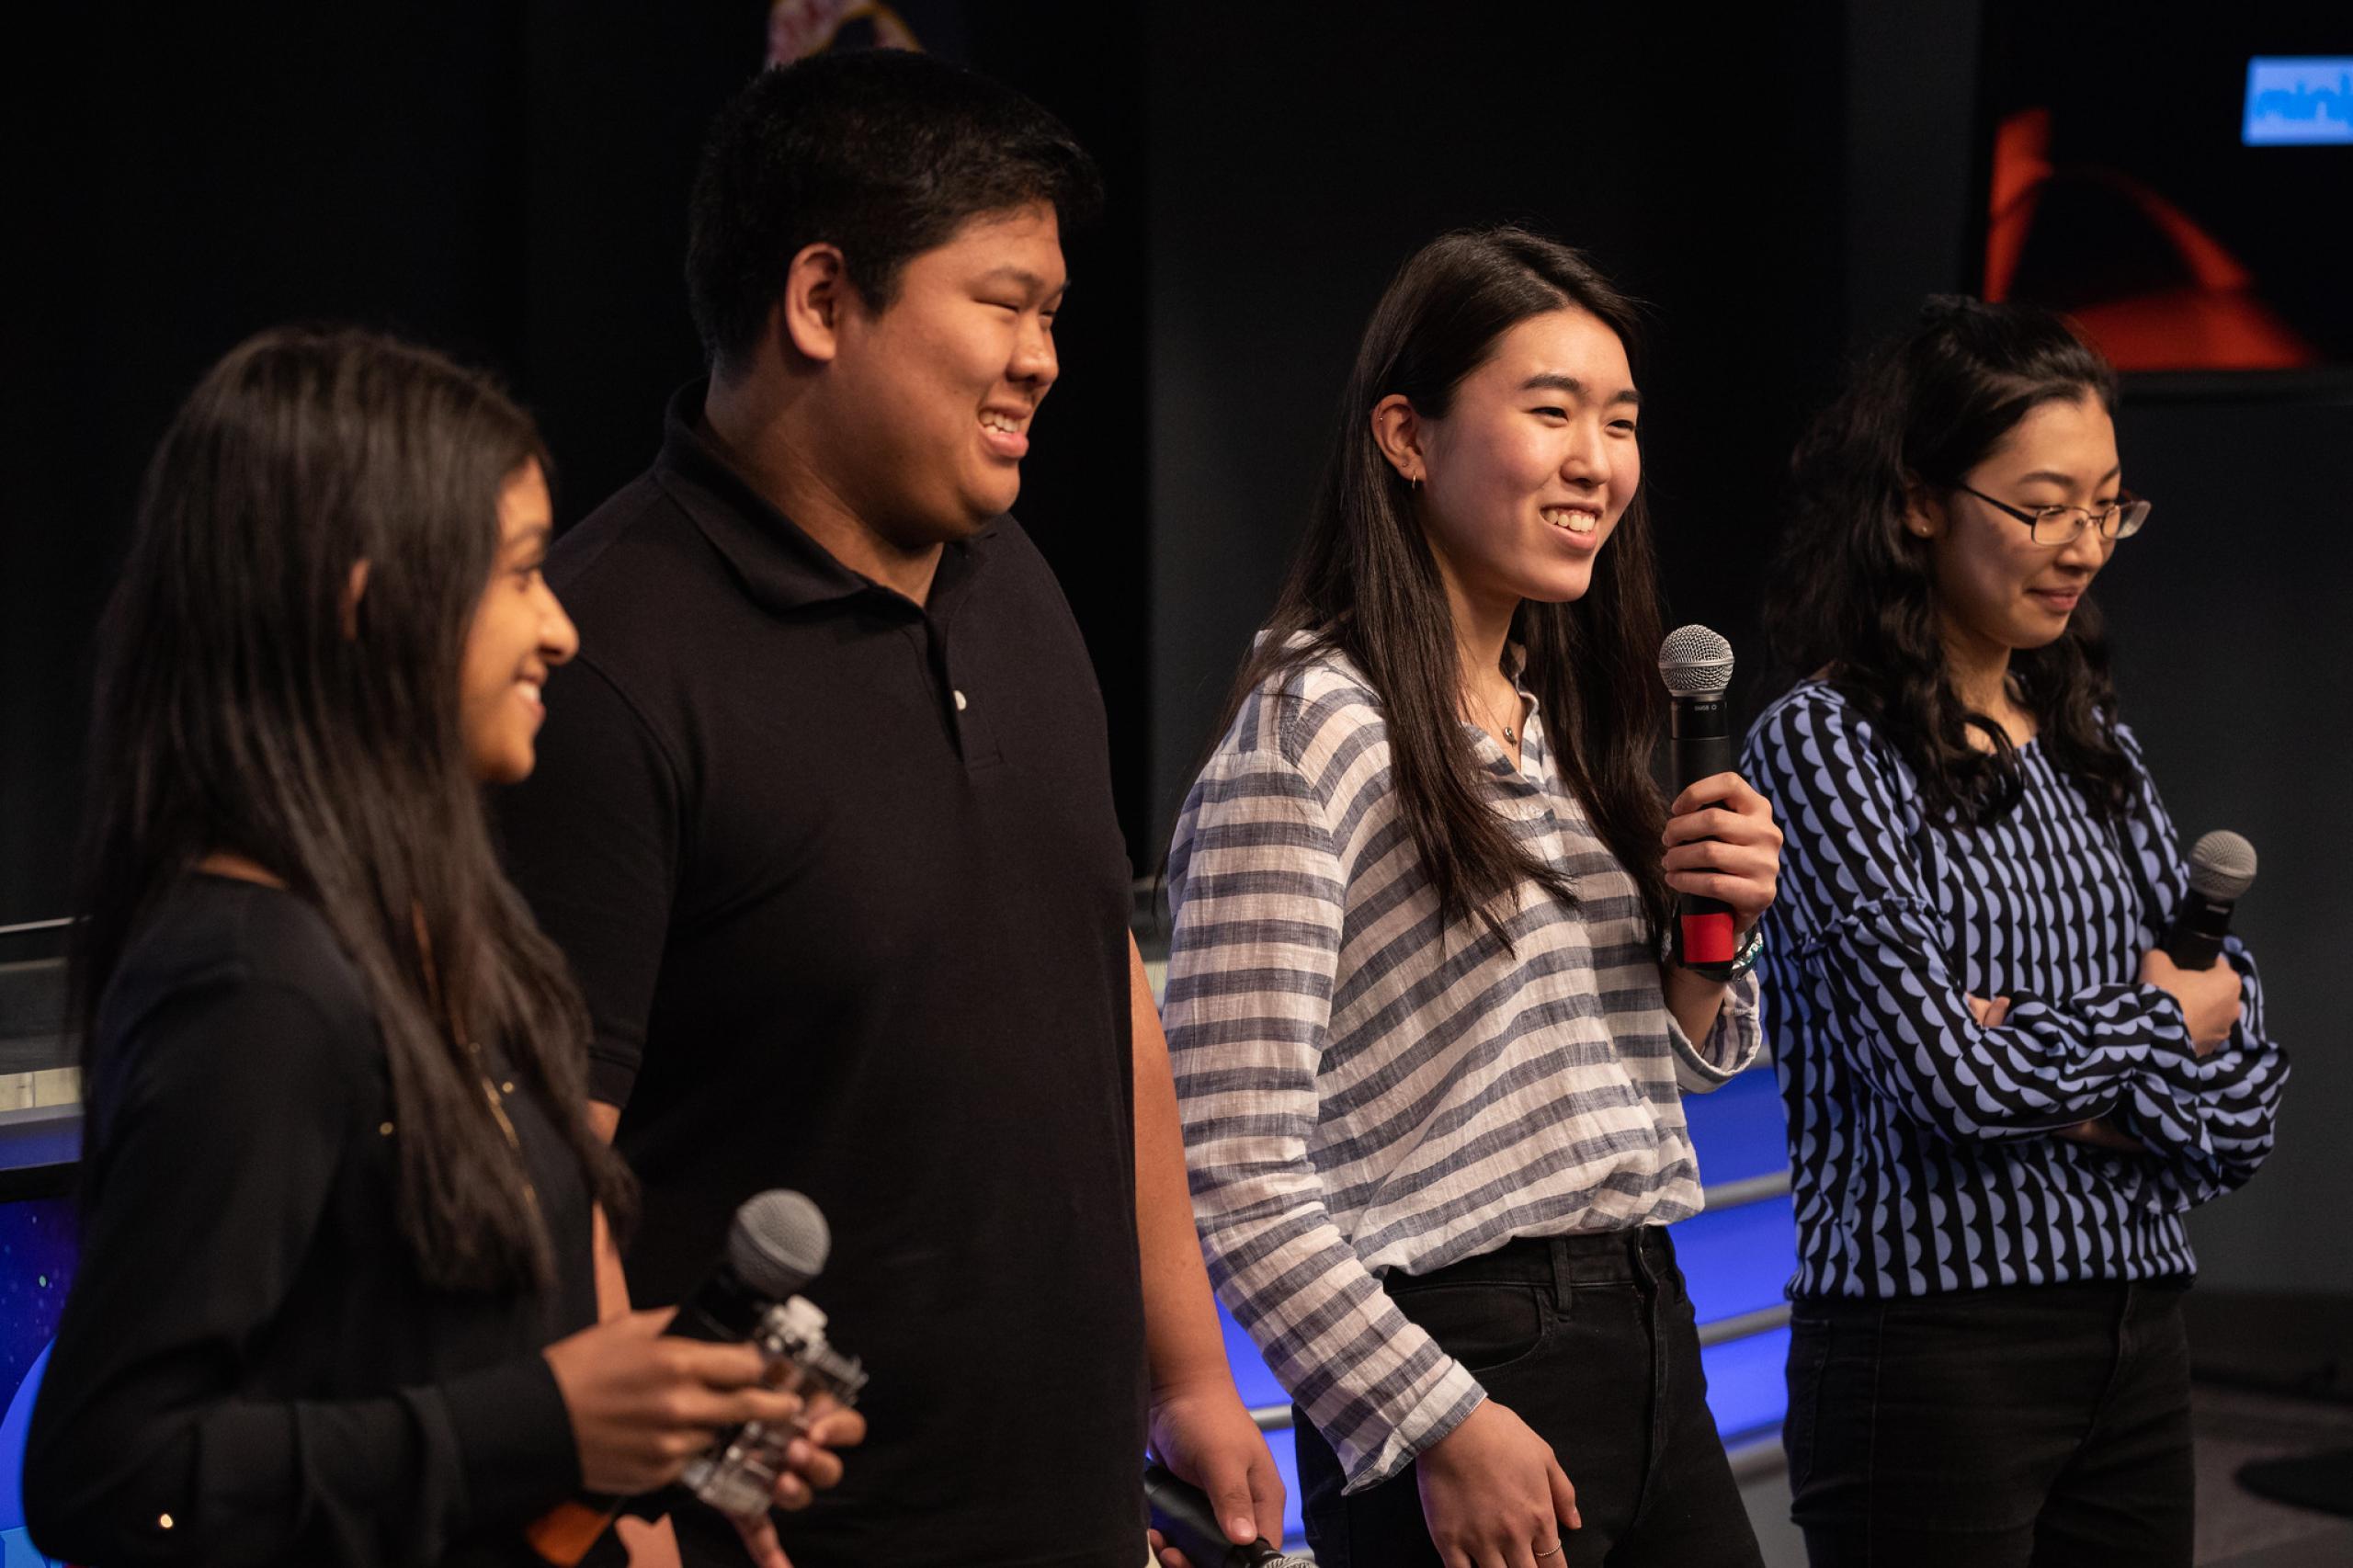 Foto degli studenti che hanno progettato la ricerca